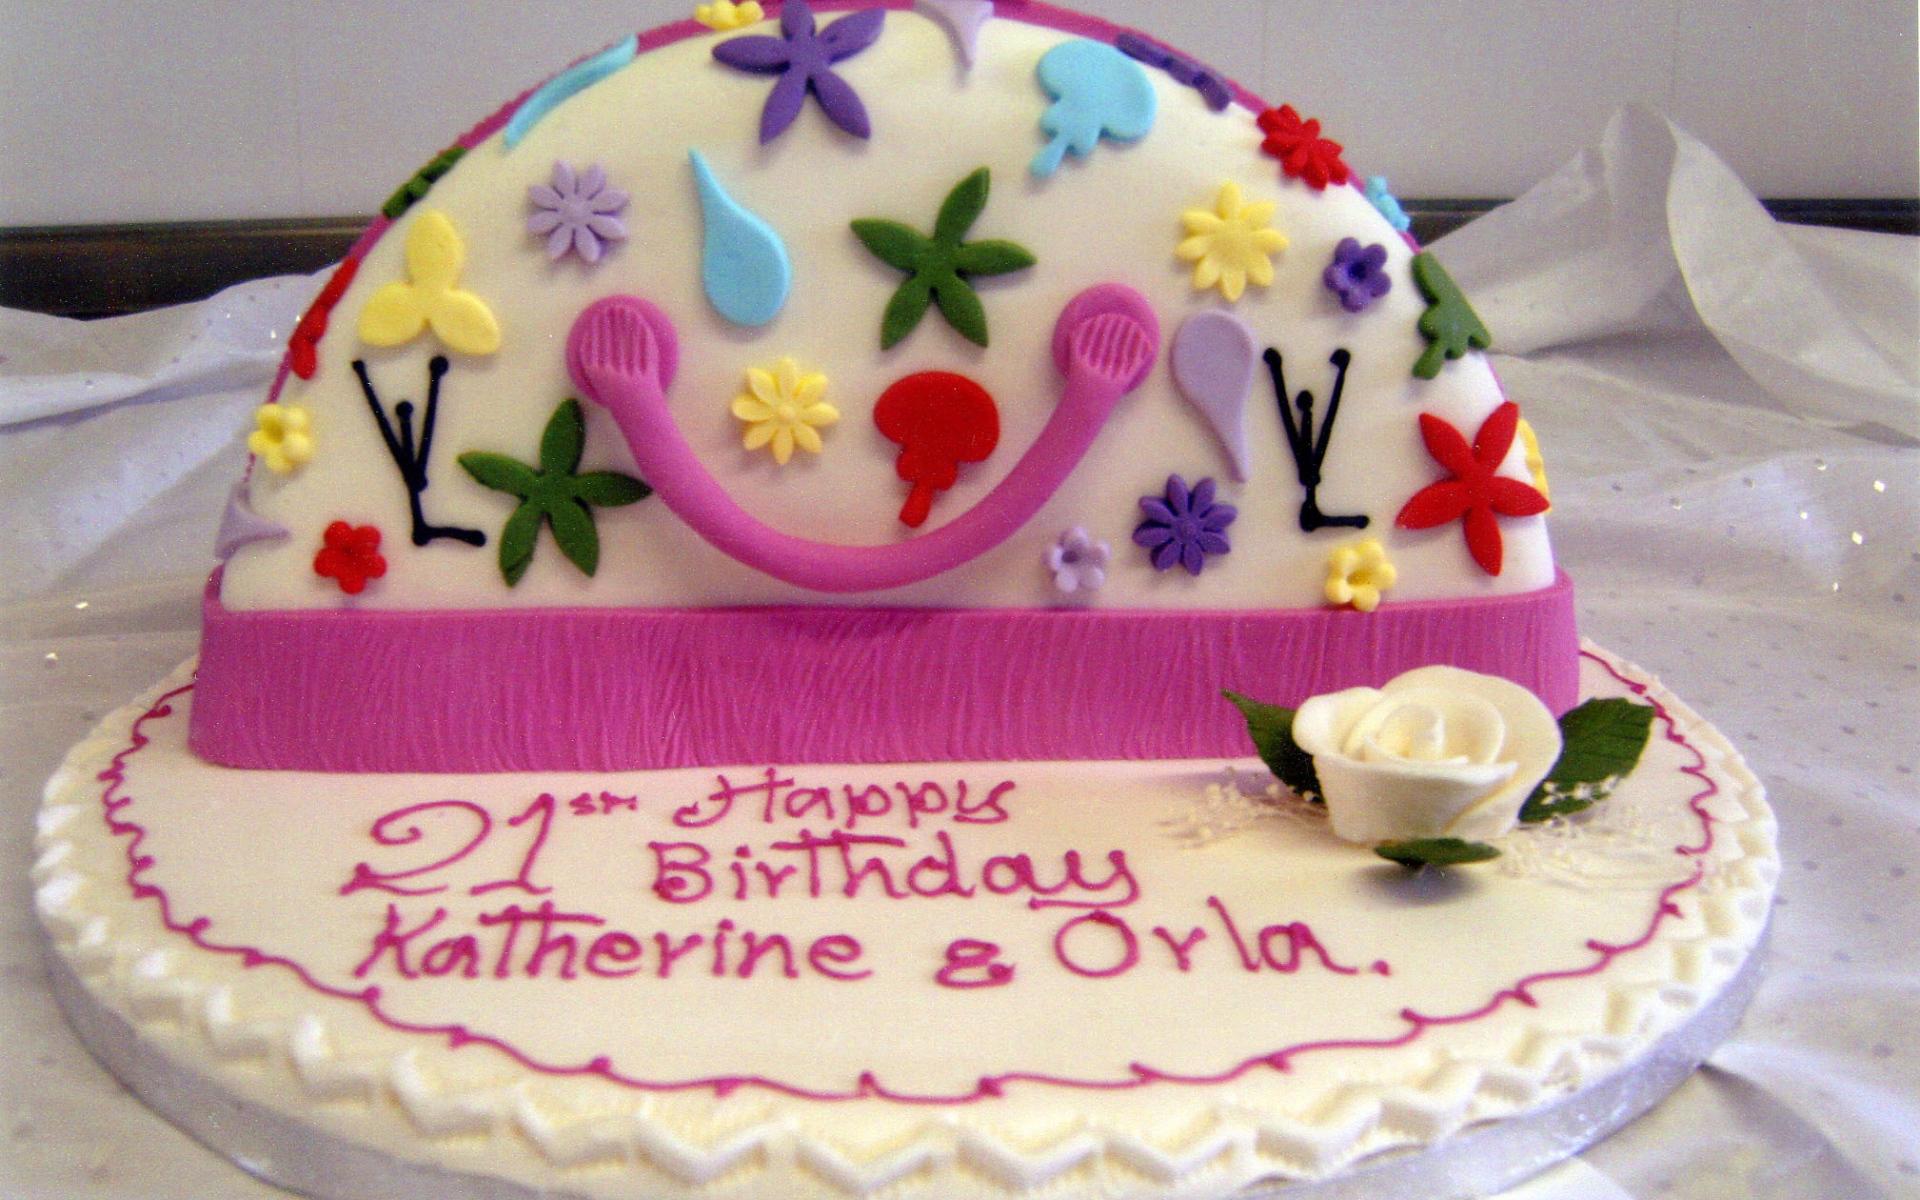 Красивый торт ко дню рождения - С Днем Рождения поздравительные картинки